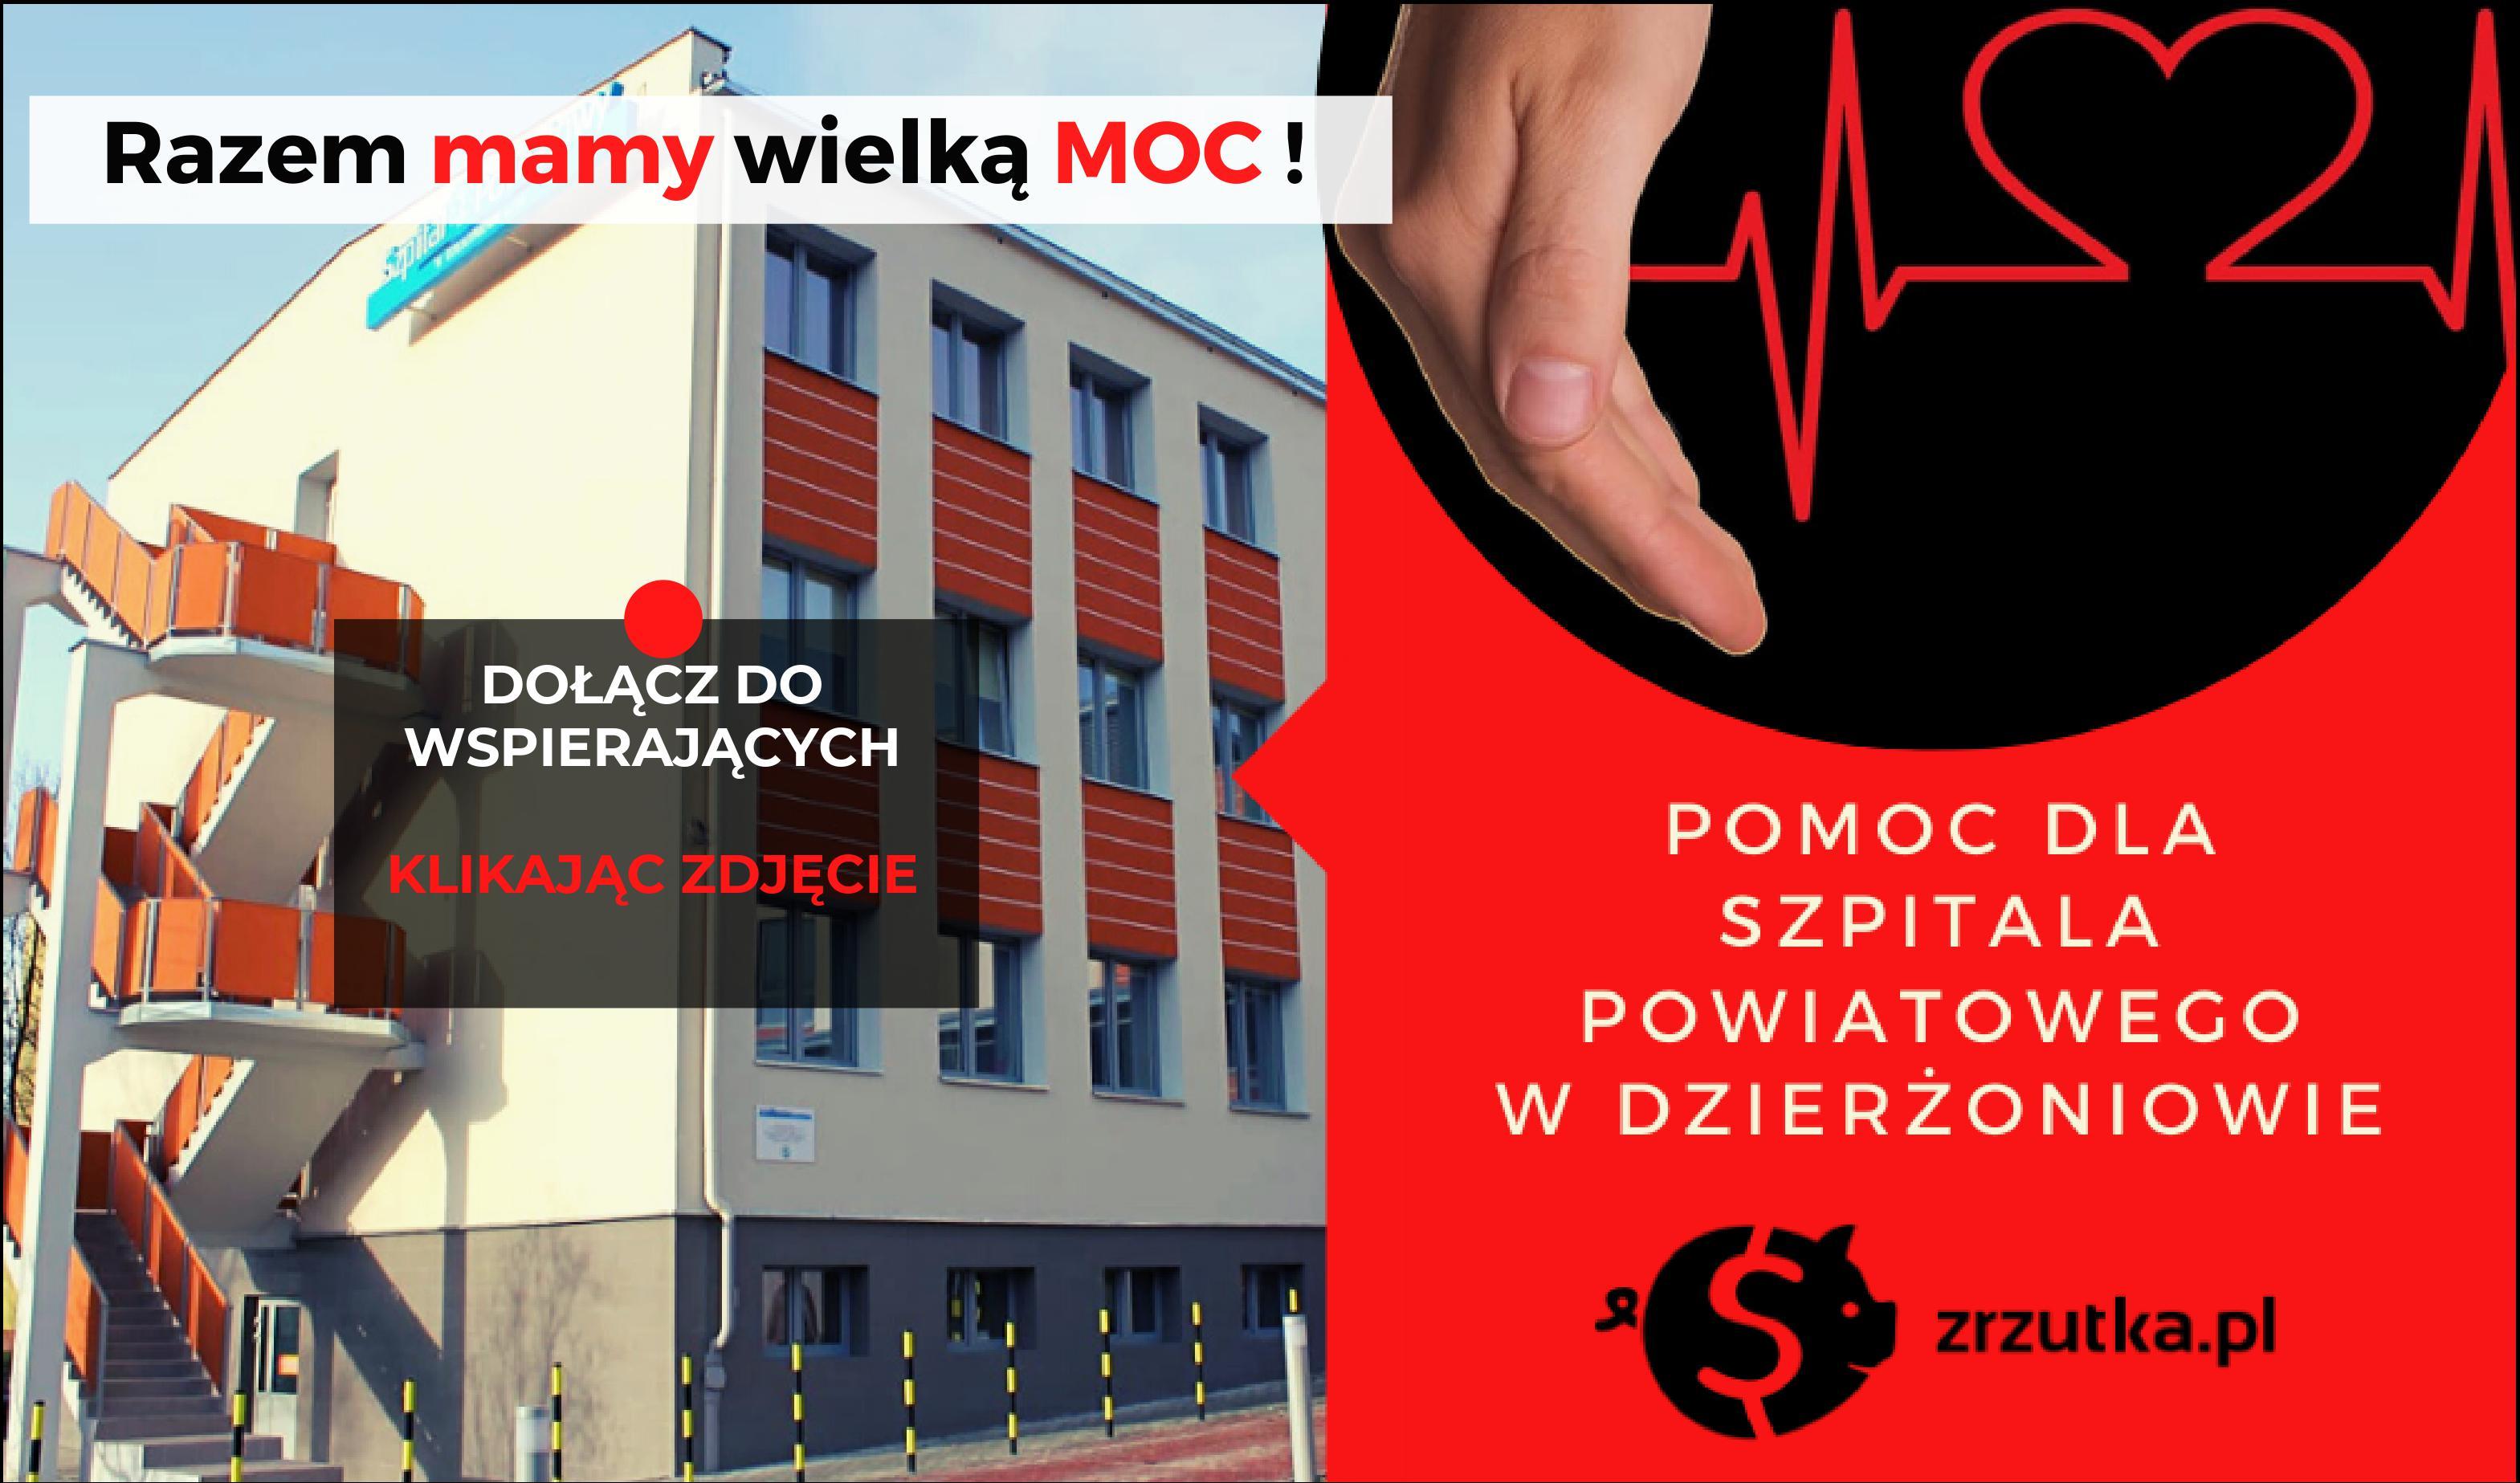 """PROŚBA O POMOC  """"2zł od każdego dla Szpitala Powiatowego w Dzierżoniowie"""""""